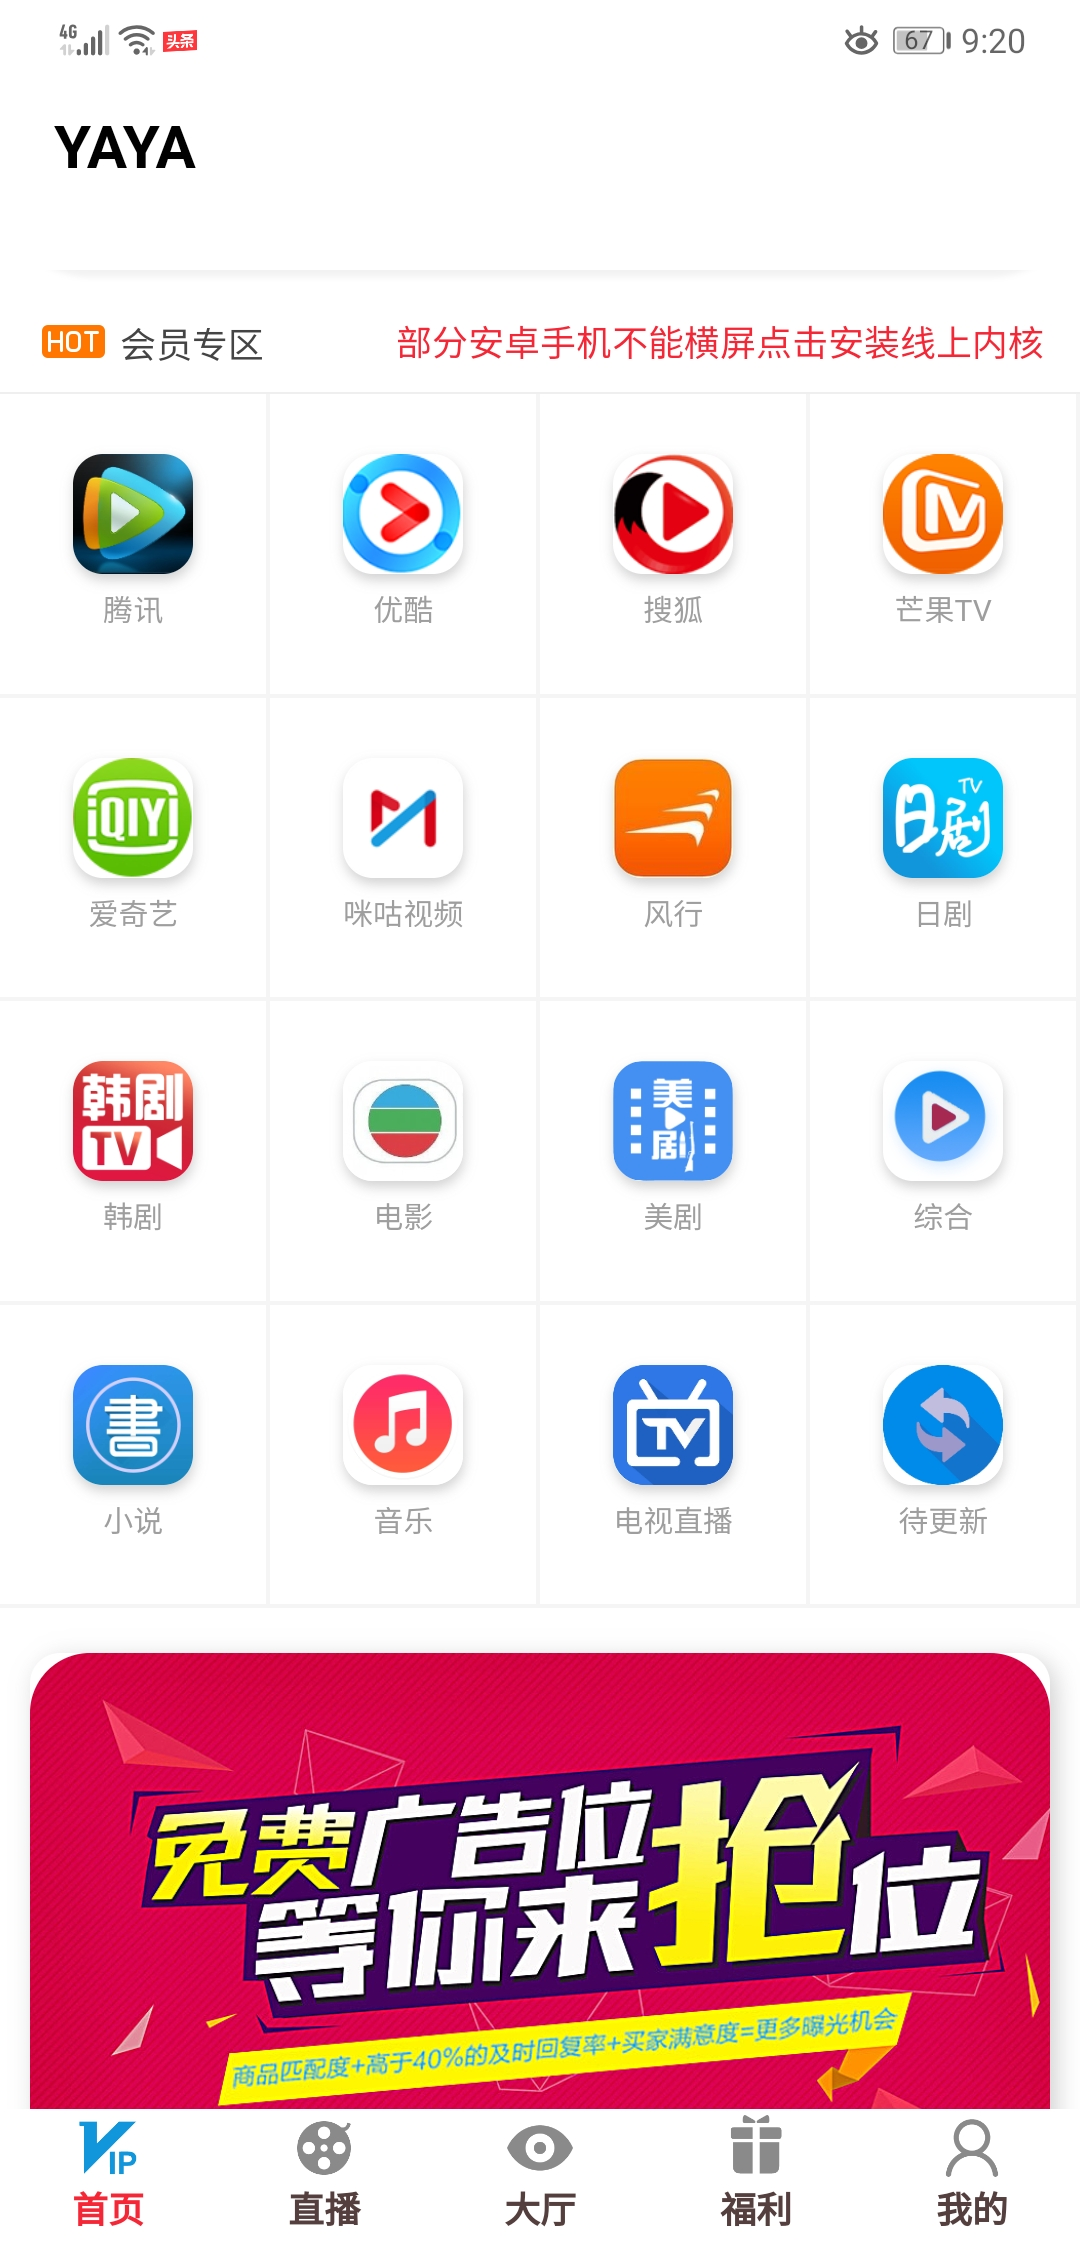 【YAYA影视年卡】 年卡-全网影视VIP高清免费看